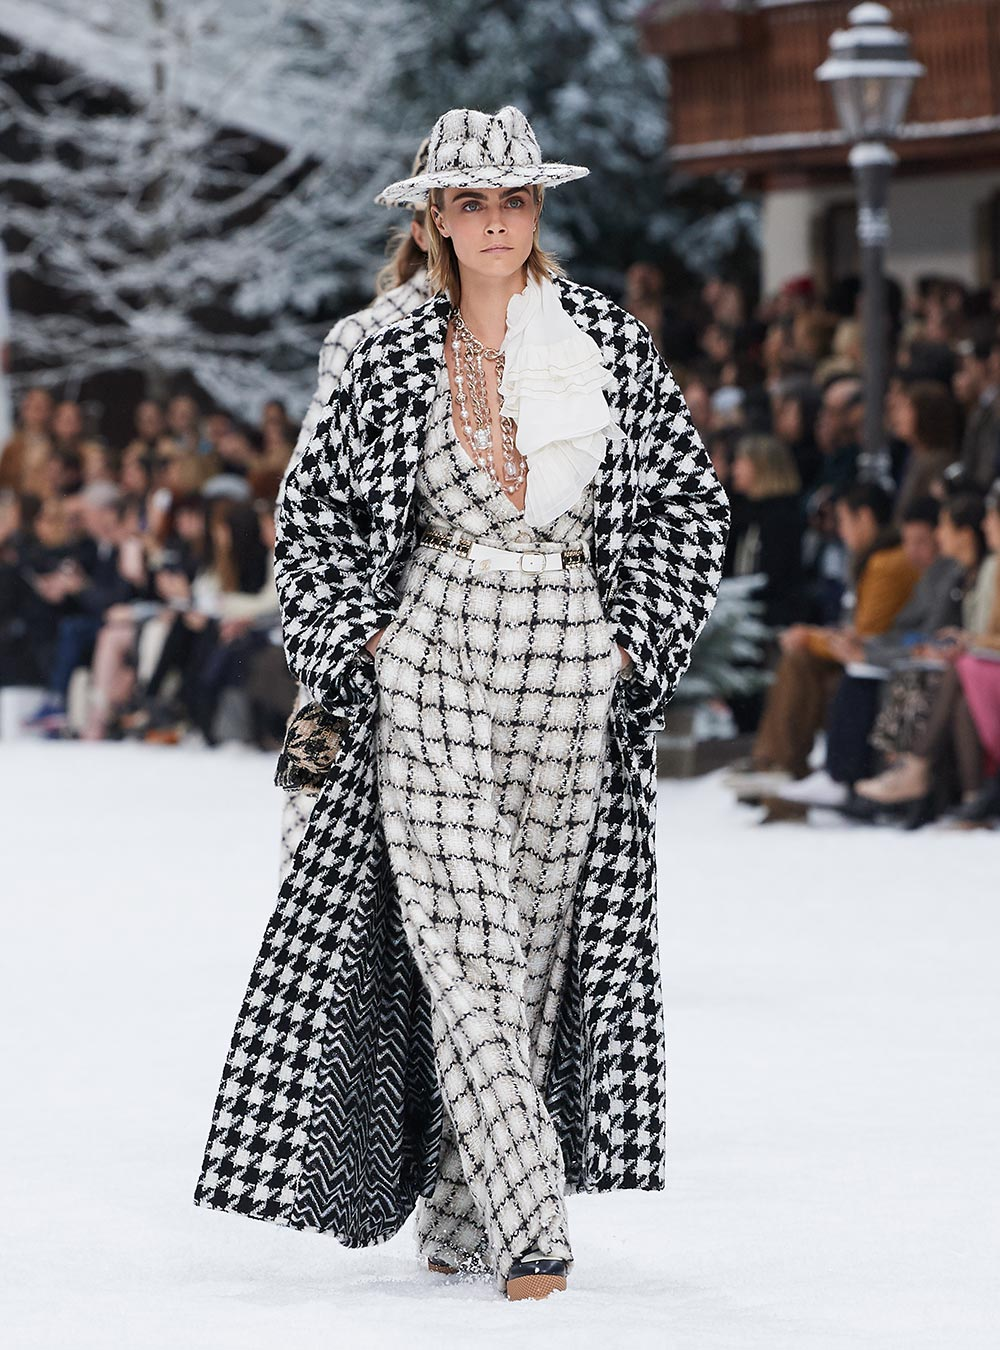 Le défilé Chanel présentant la dernière collection automne-hiver 2019-20.